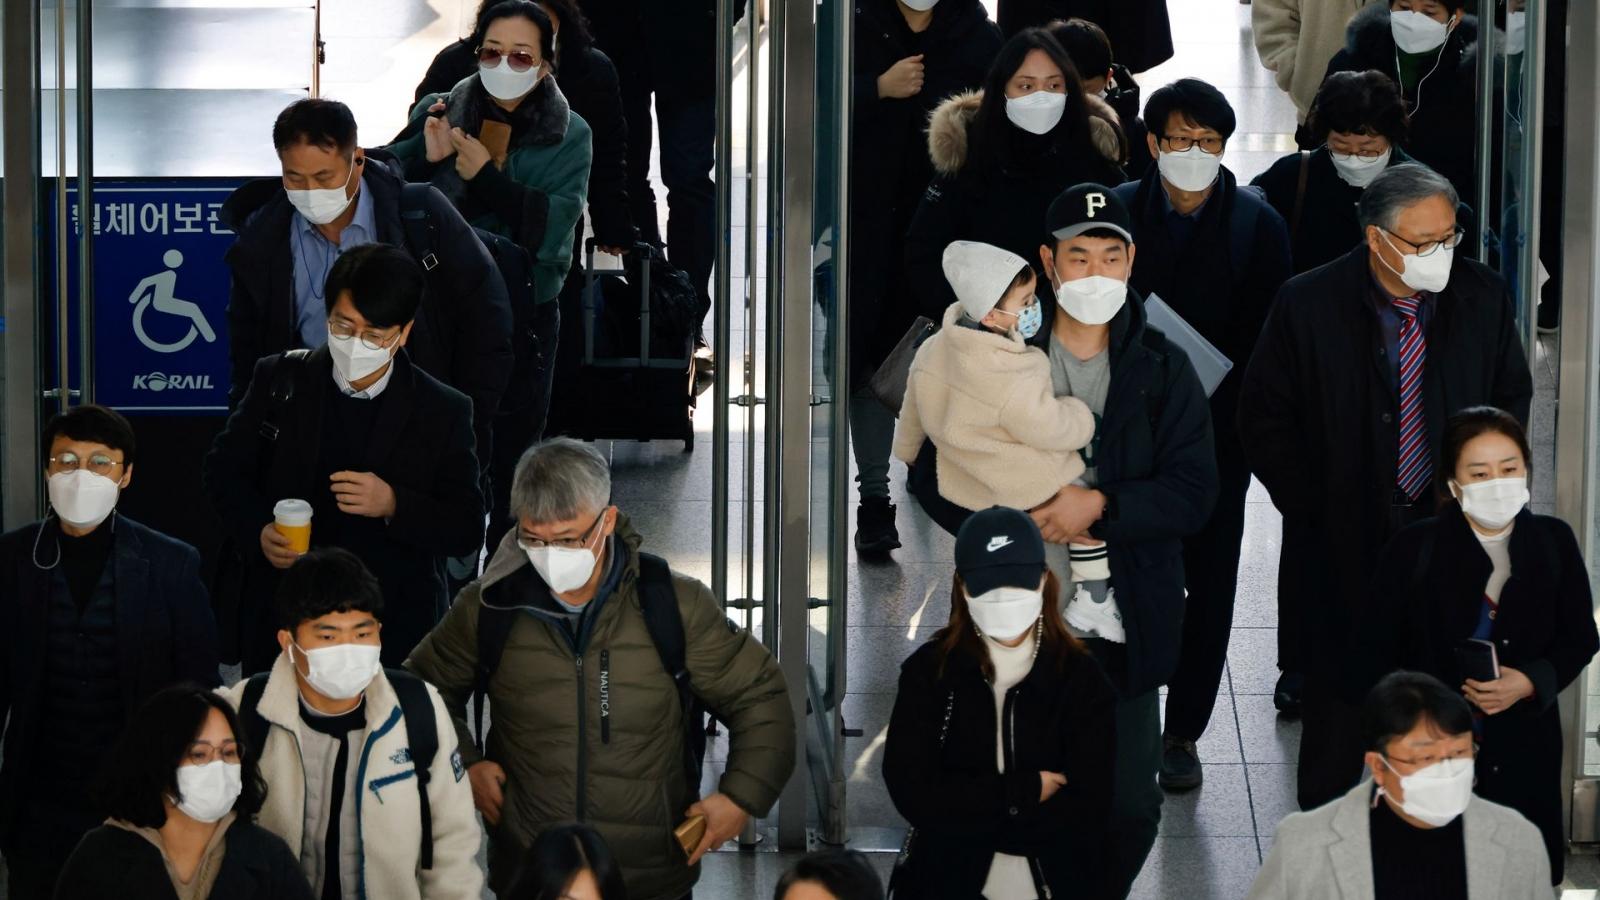 Hàn Quốc lo ngại nguy cơ lan rộng số ca nhiễm biến thể Delta